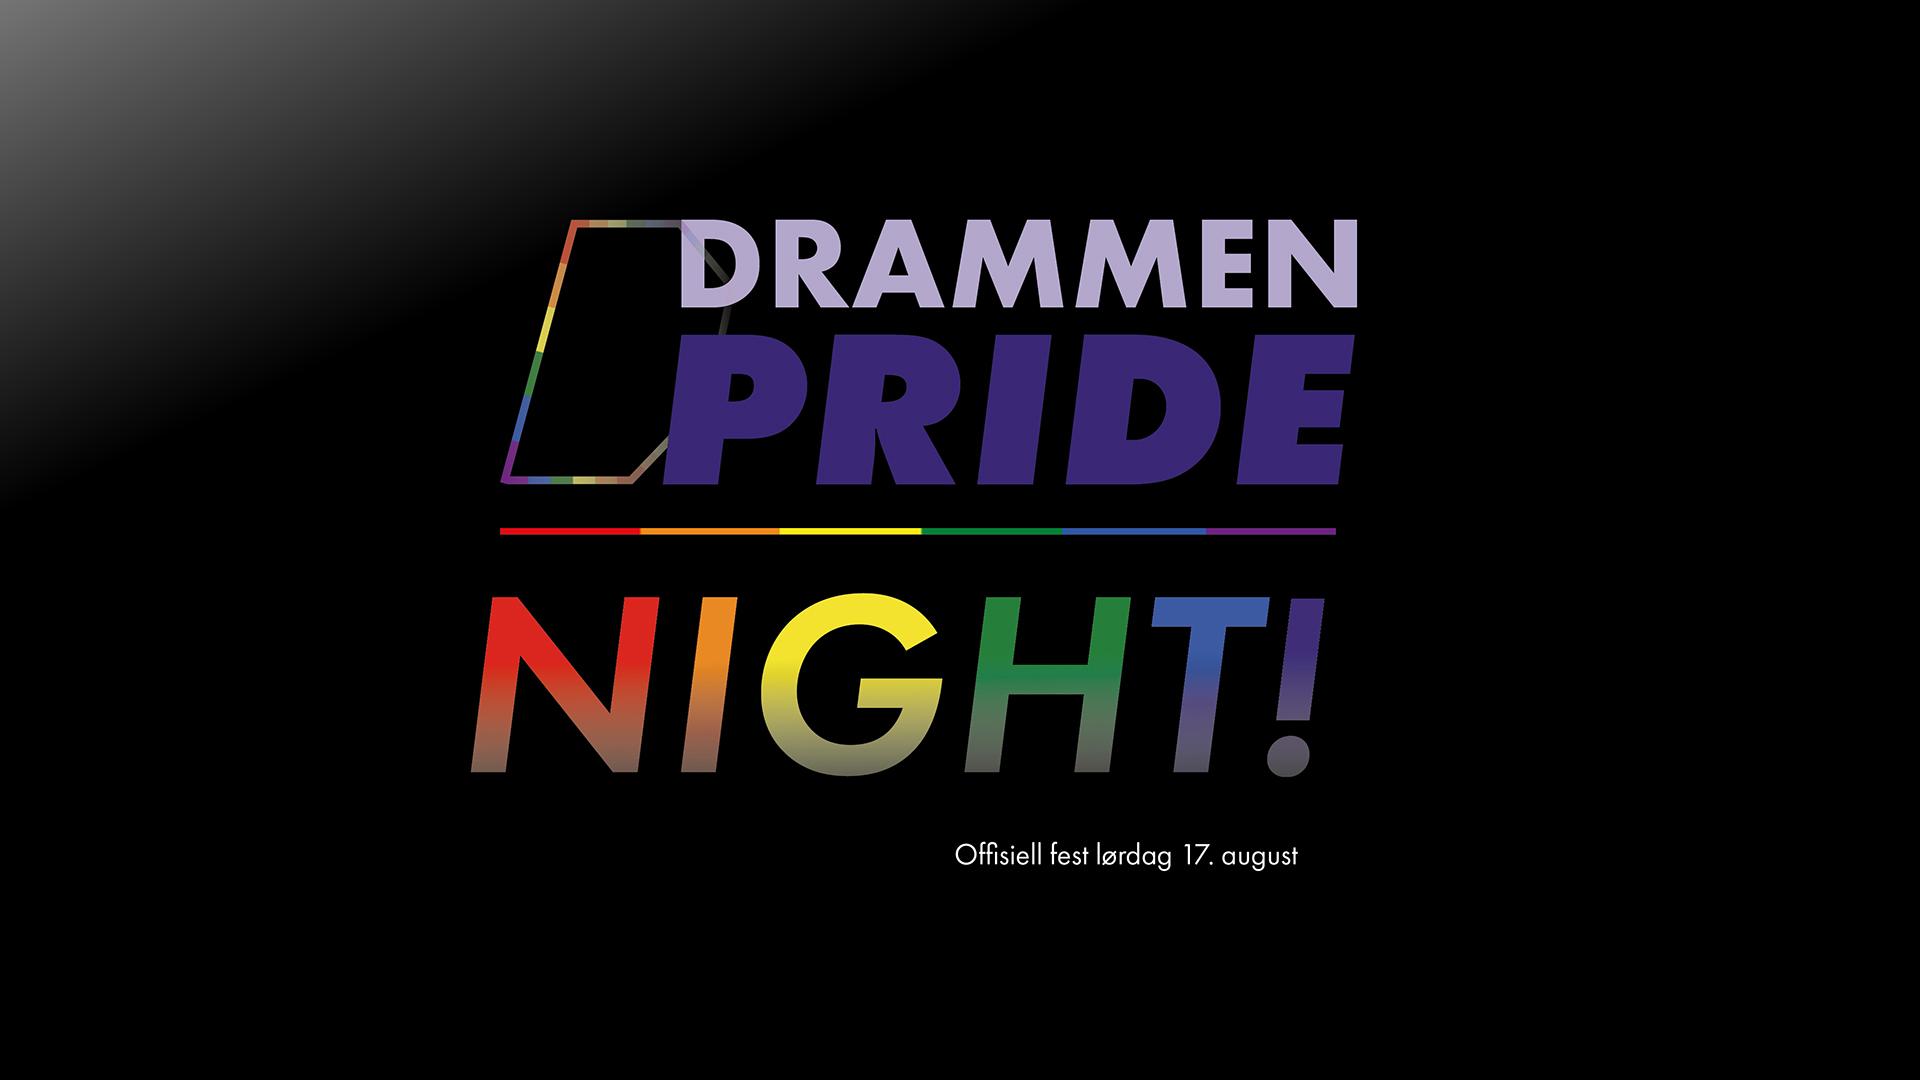 Drammen Pride Night